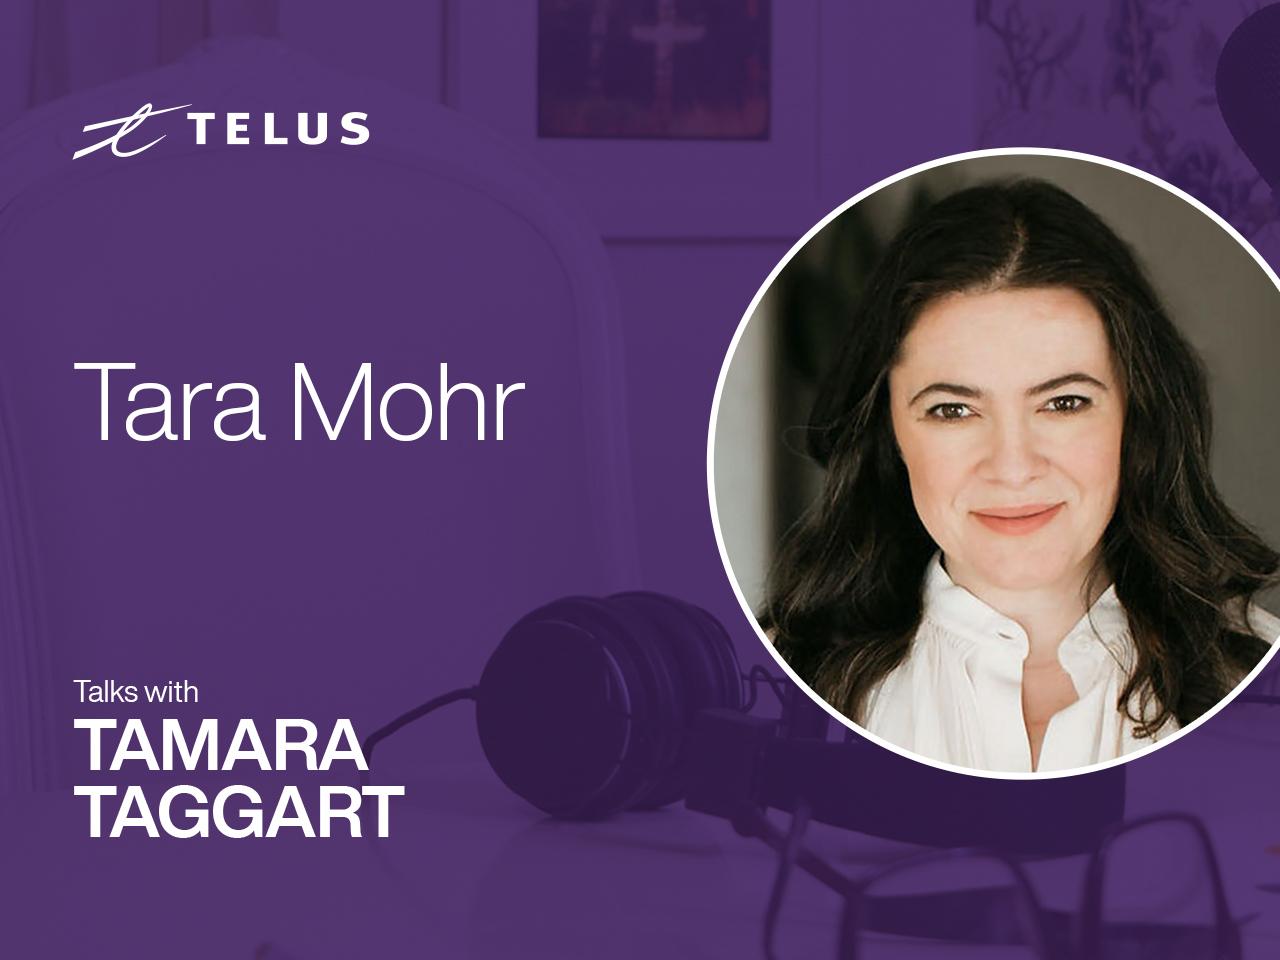 Women's leadership expert Tara Mohr